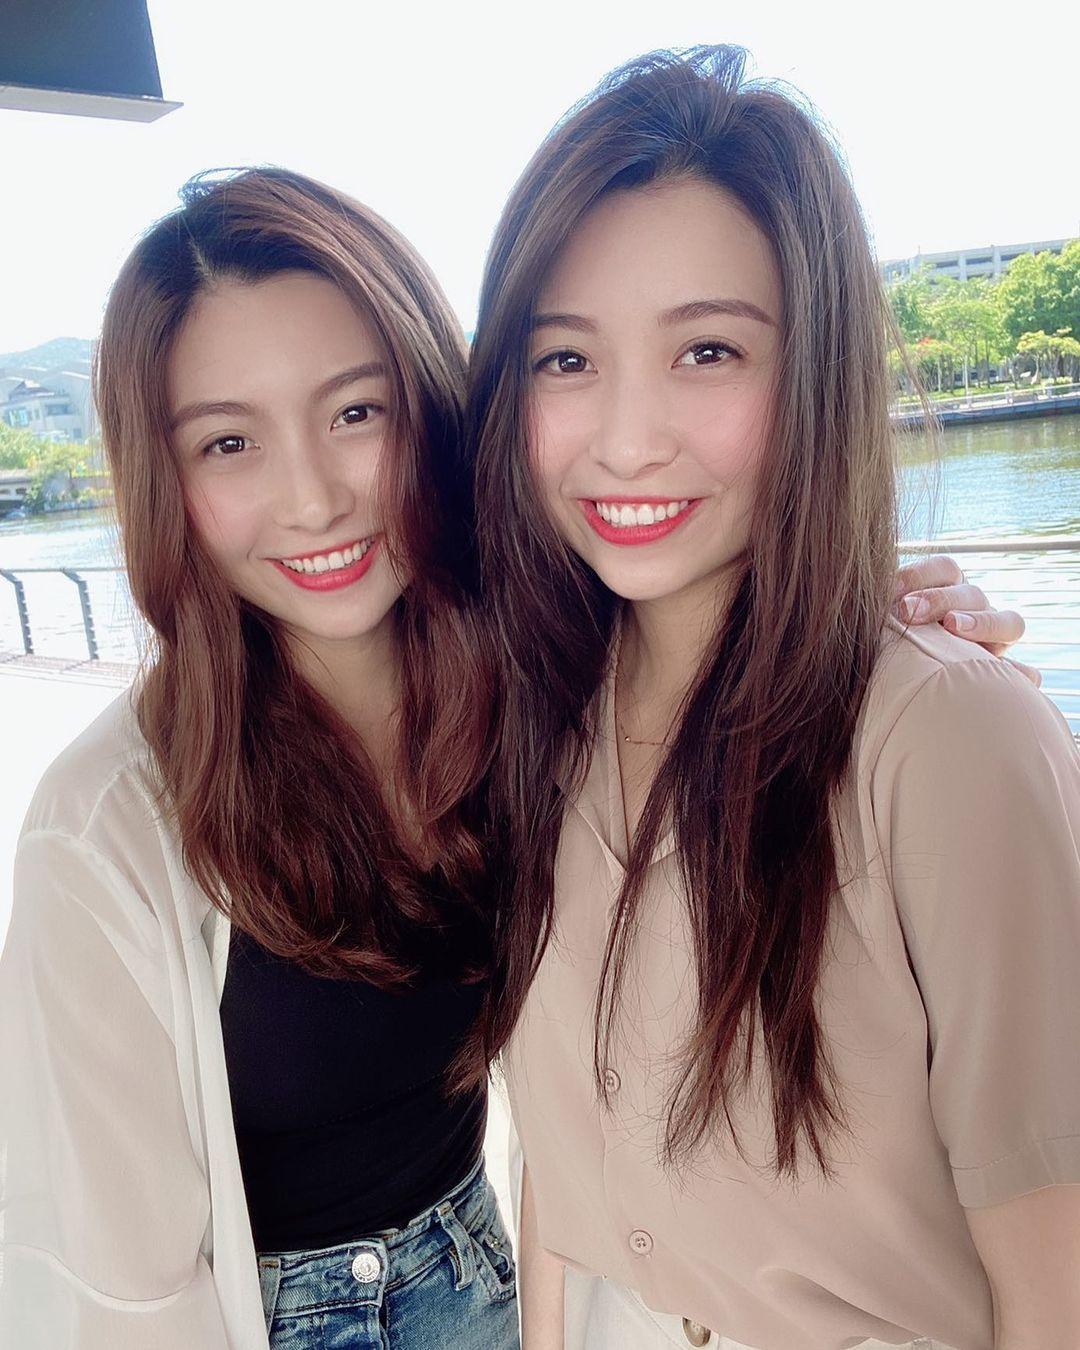 超正双胞胎姐妹身材一样火辣网友:要看胸口刺青才能分 养眼图片 第3张